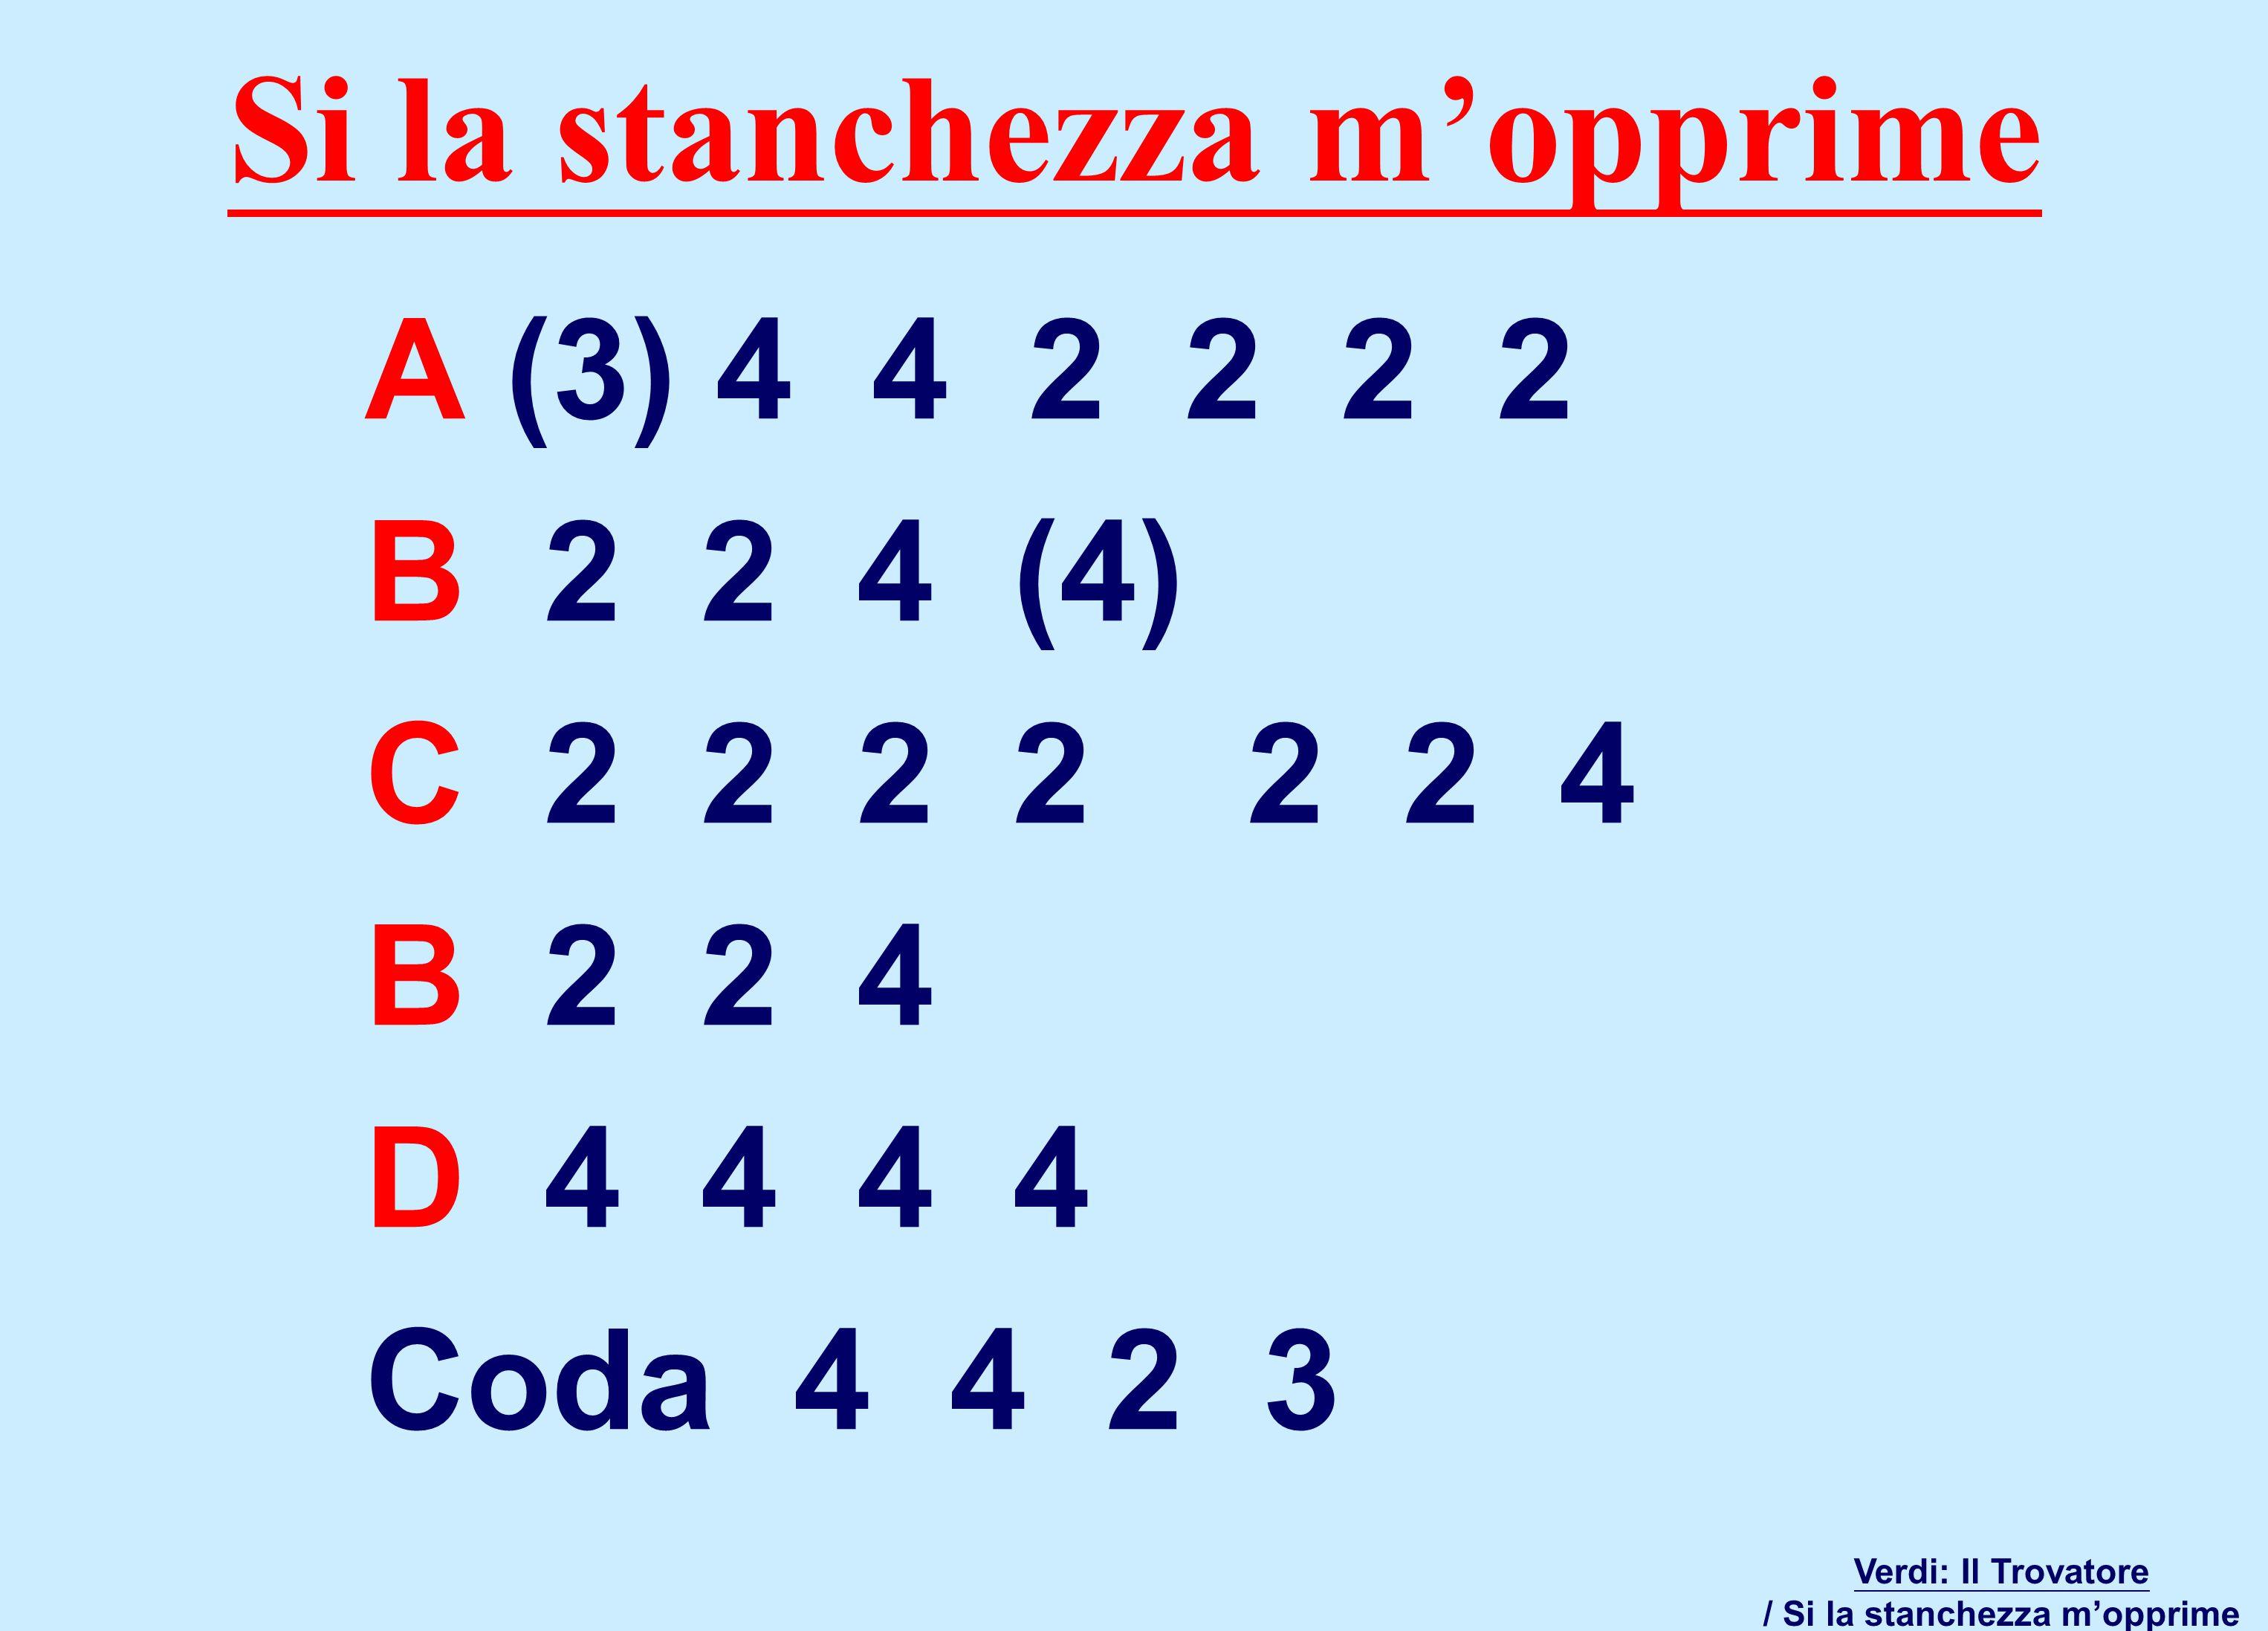 A (3) 4 4 2 2 2 2 B 2 2 4 (4) C 2 2 2 2 2 2 4 B 2 2 4 D 4 4 4 4 Coda 4 4 2 3 Verdi: Il Trovatore / Si la stanchezza m'opprime Si la stanchezza m'opprime